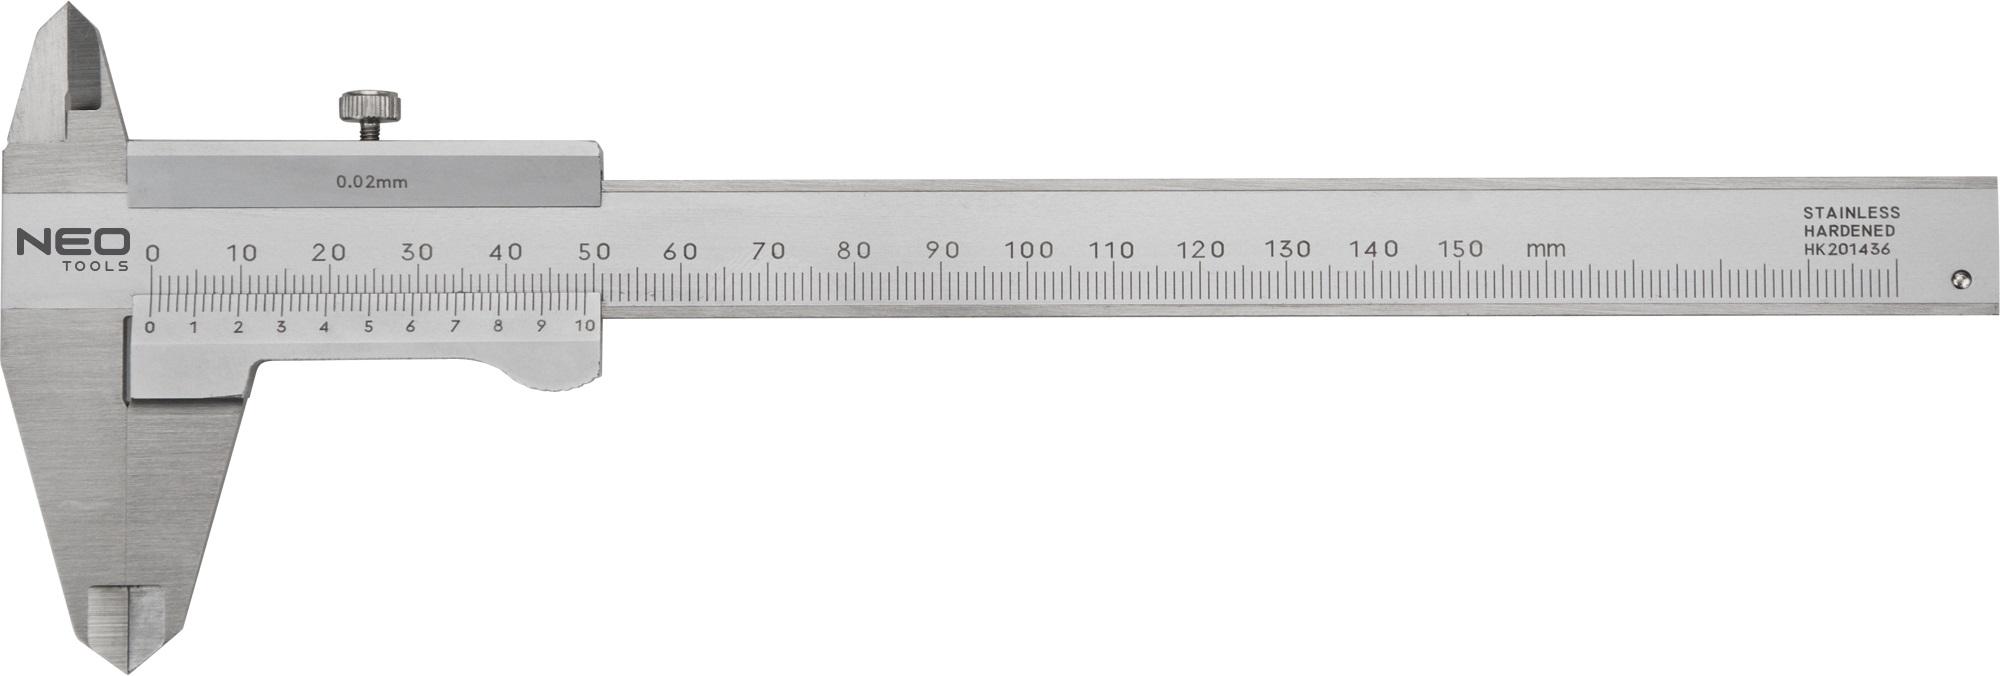 Neo Tools 75-001 Штангенциркуль з сертифiкатом DIN, 150 мм, нержавiюча сталь